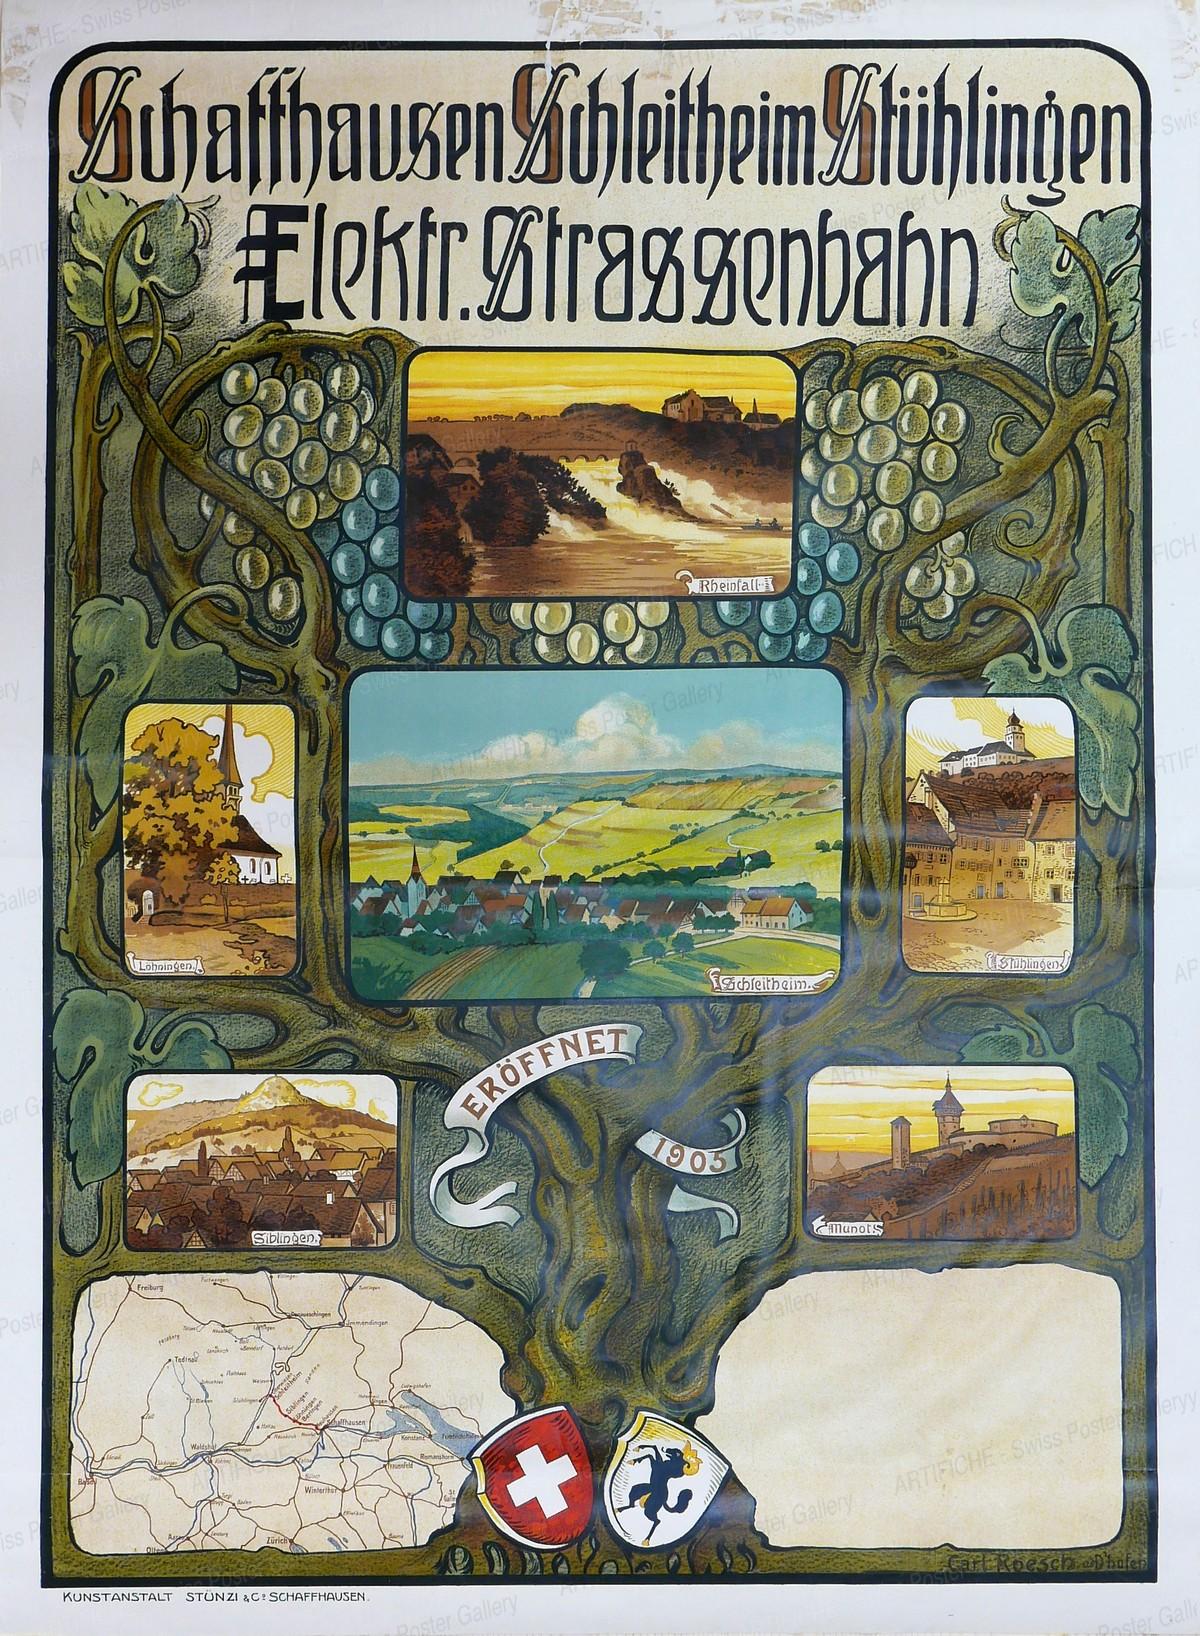 Schaffhausen Schleitheim Stühlingen – Elektrische Strassenbahn – Eröffnung 1905, Carl Roesch